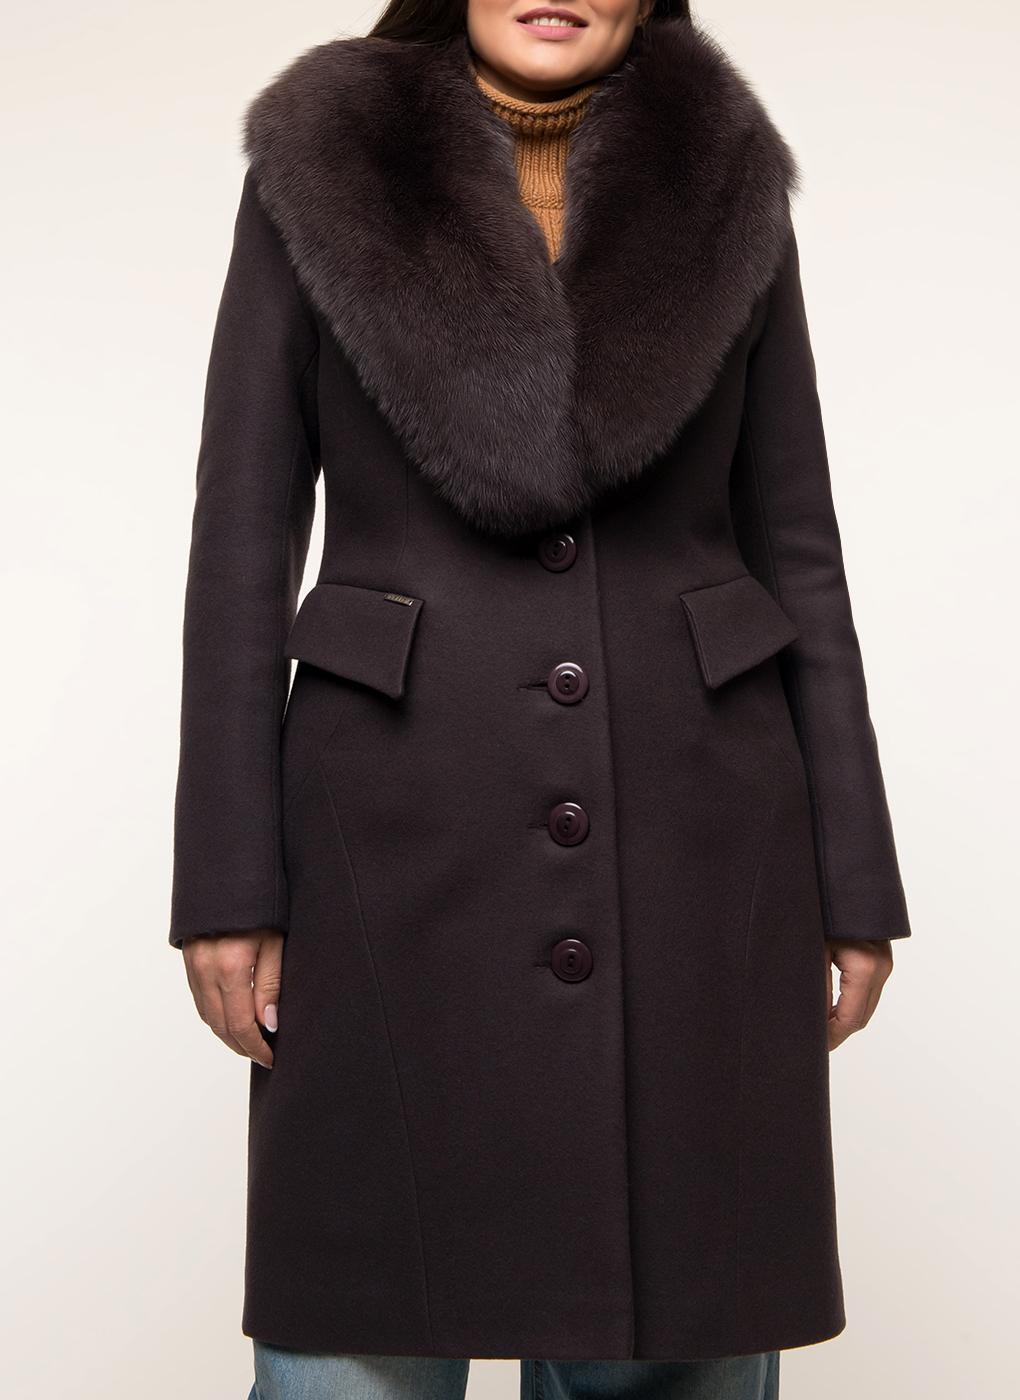 Пальто приталенное шерстяное 83, idekka фото